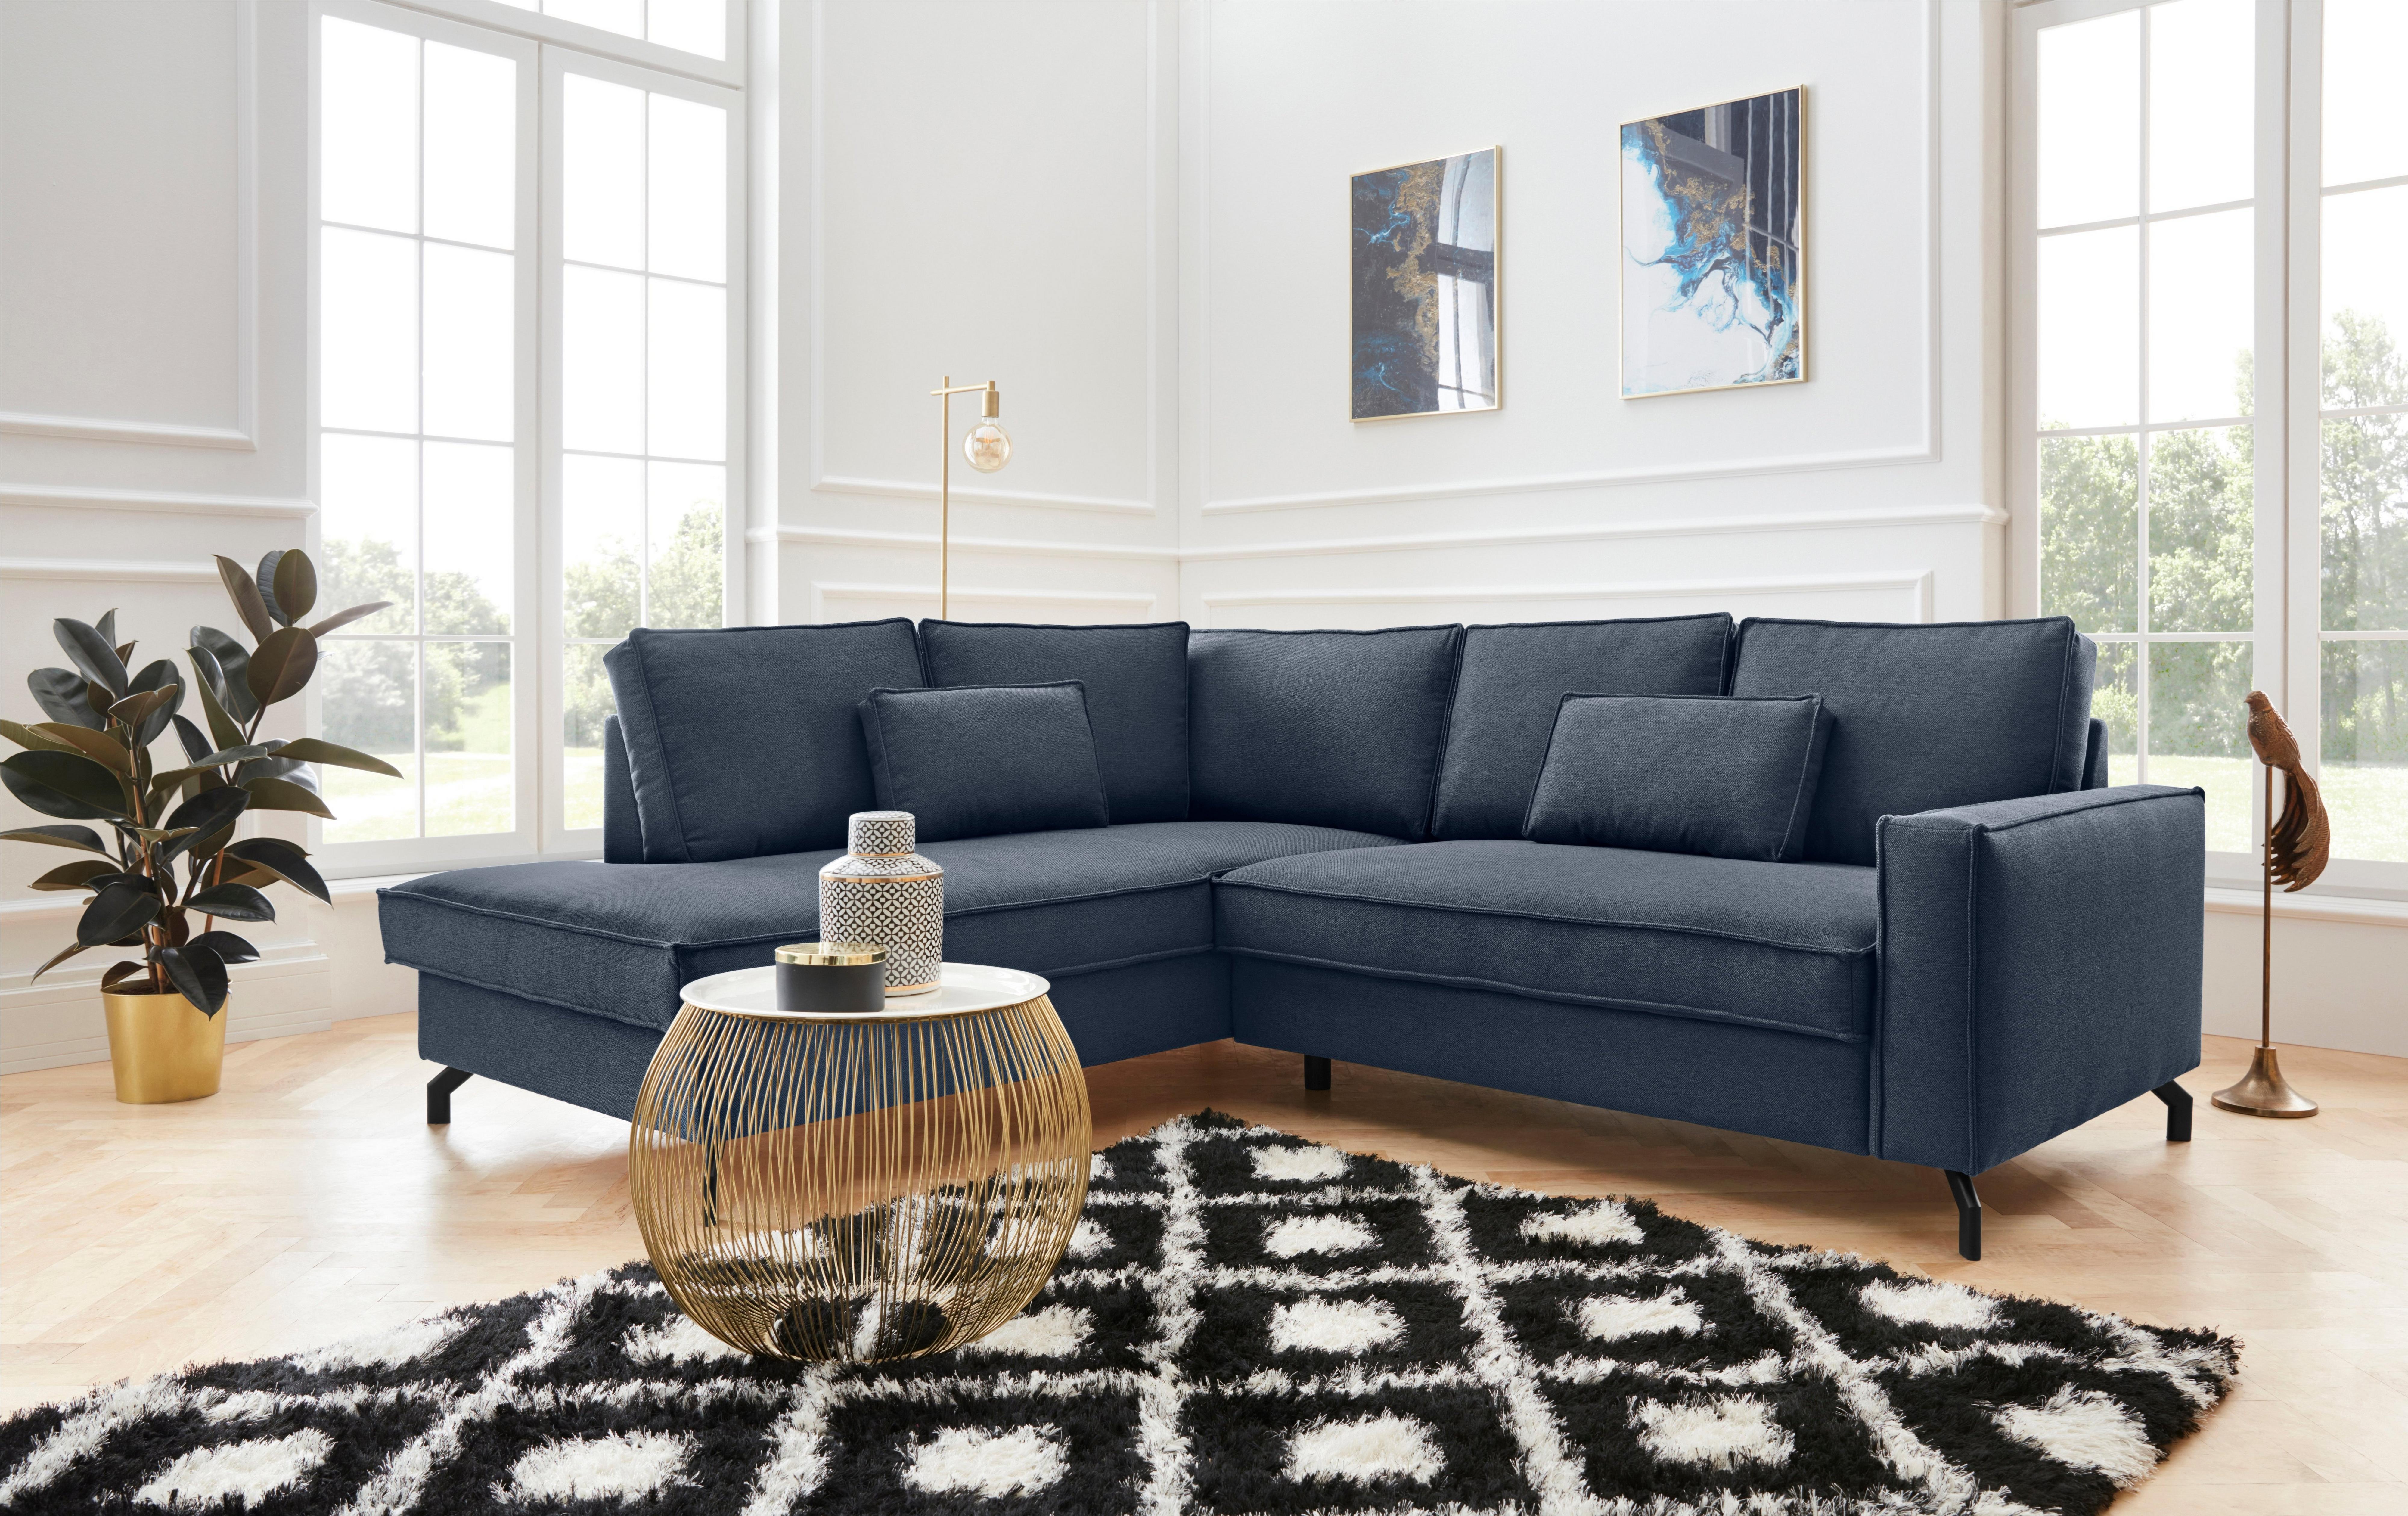 exxpo - sofa fashion hoekbank naar keuze met slaapfunctie en bedkist nu online kopen bij OTTO